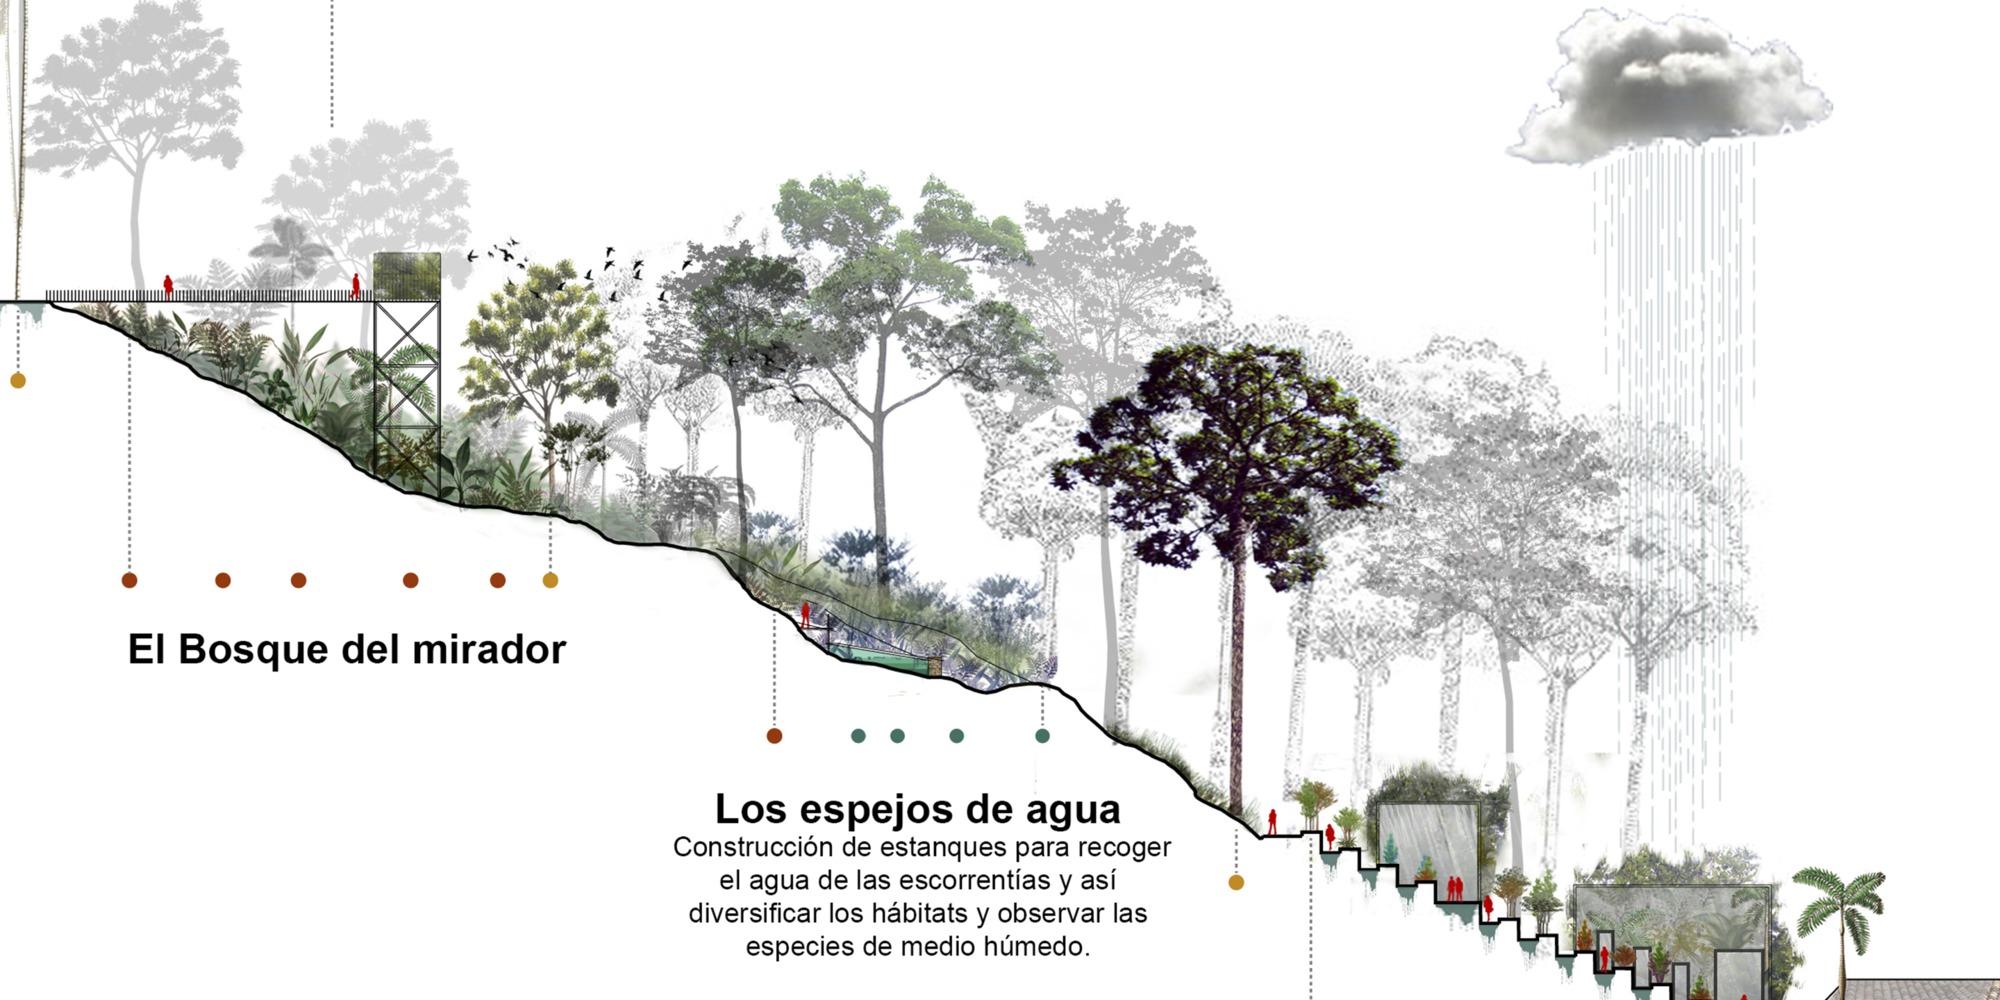 16 Asom Seccion Detalle Paisajismo Plataforma Urbana